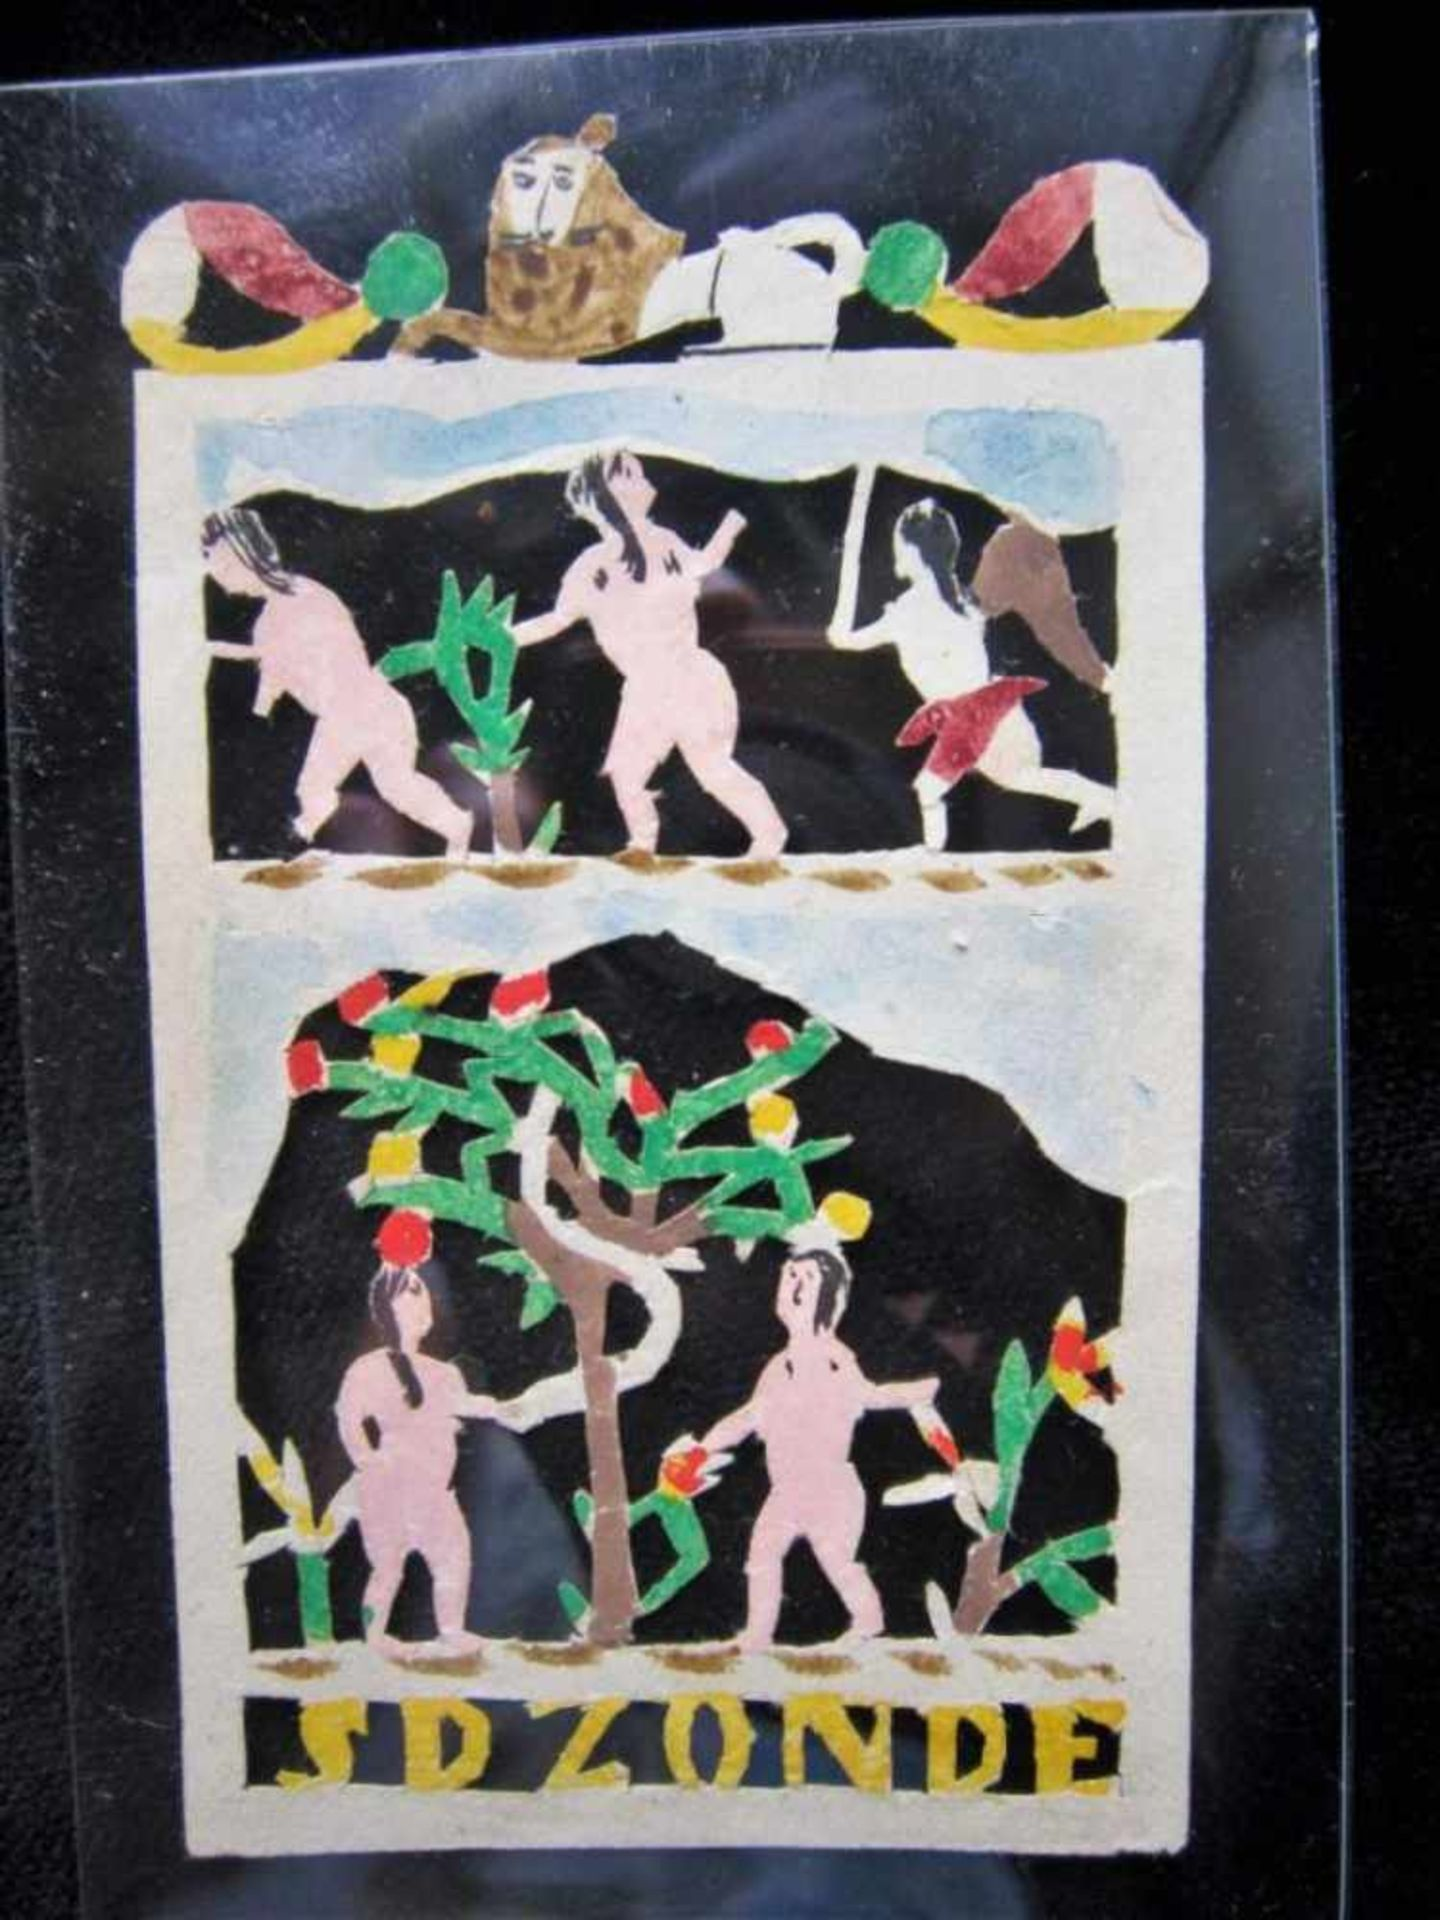 Jantje de Prentenknipper, prentje 'SD ZONDE' (Adam en Eva met slang en duivel) ca. 9,5x6cm